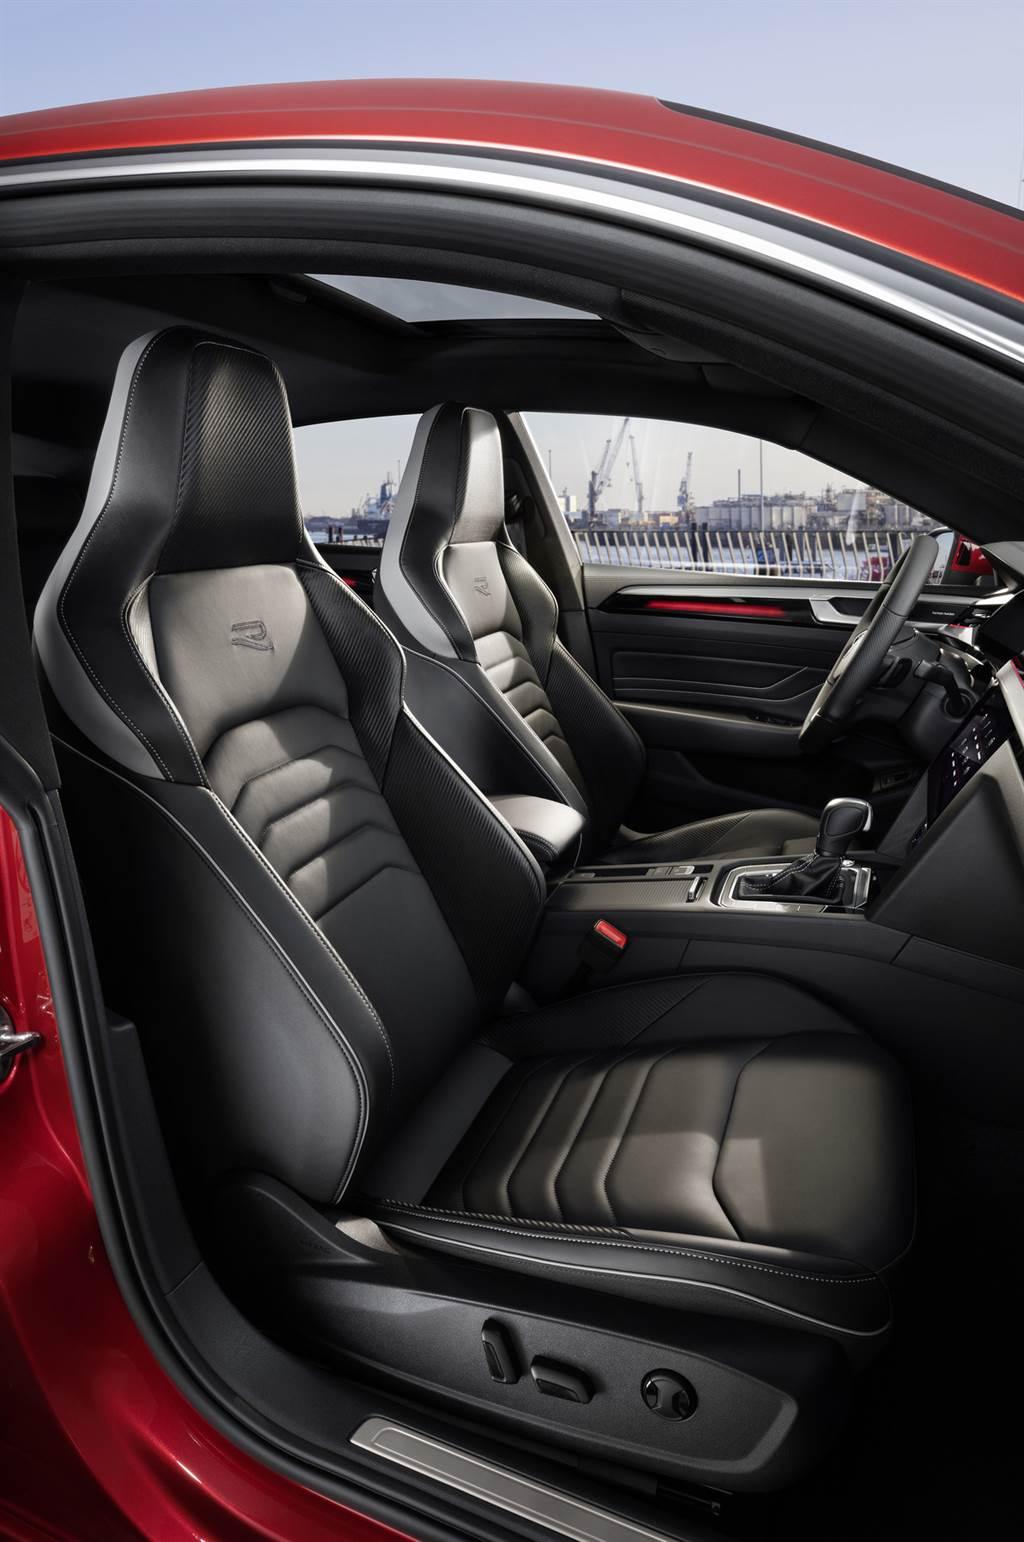 承襲藝術之名 Volkswagen Arteon 雙車型絕美誕生 獵跑車型 Arteon Shooting Brake 確認在台導入